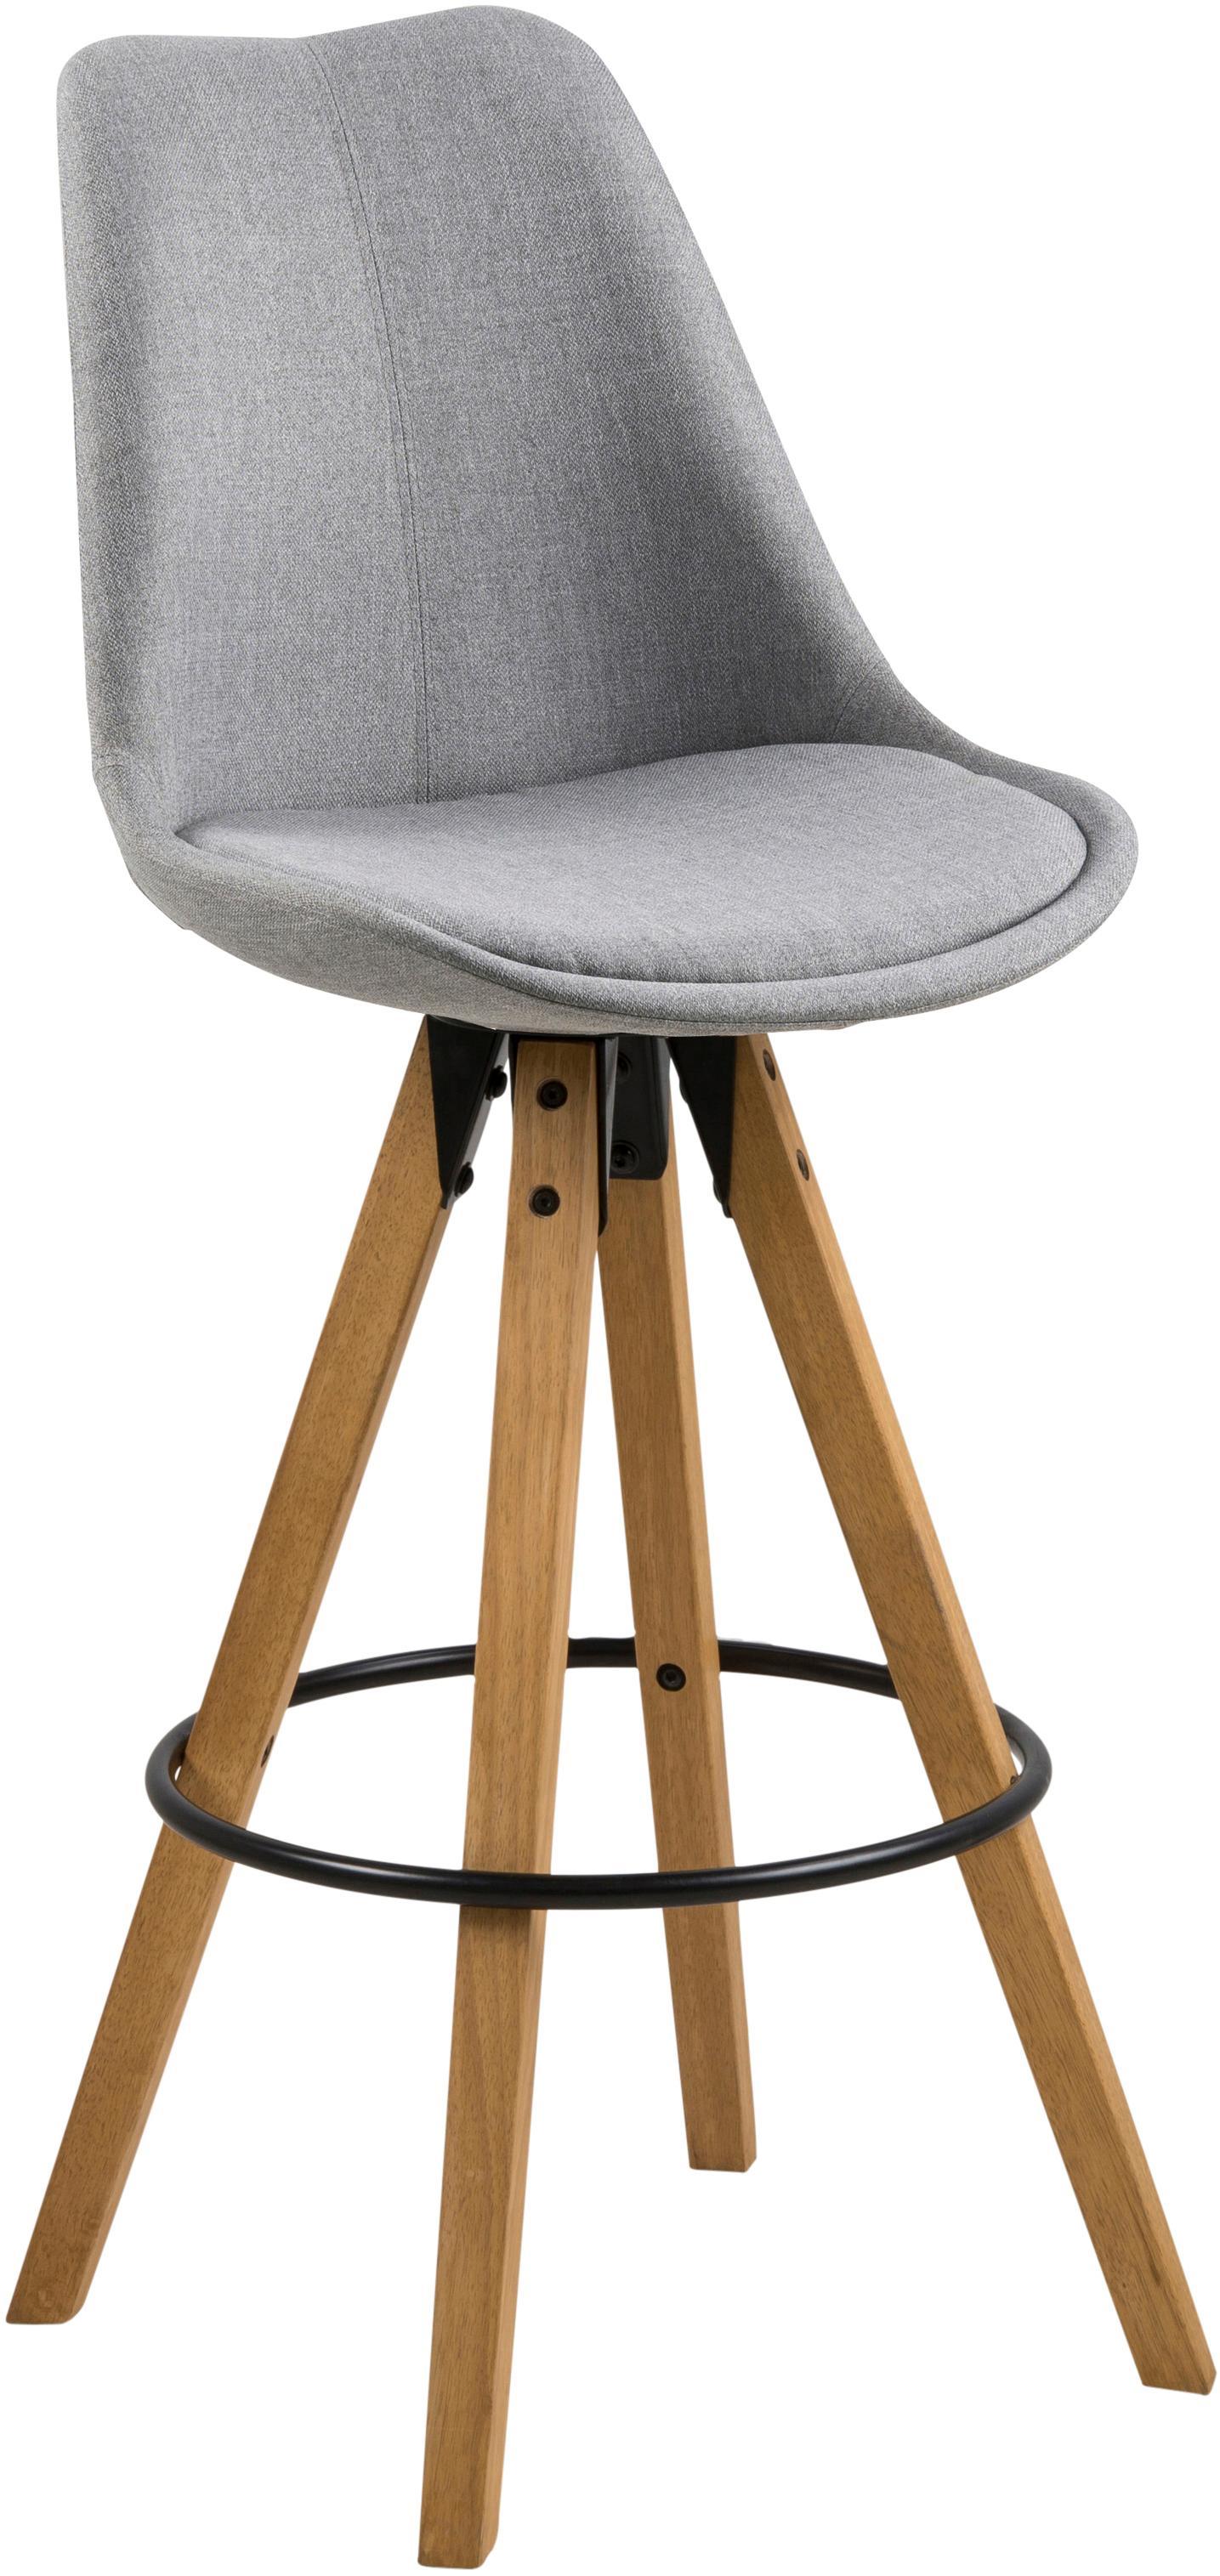 Barstühle Dima Textile, 2 Stück, Bezug: Polyester 25.000 Scheuert, Beine: Gummibaumholz, gebeizt, Hellgrau, Eichenholz, 49 x 112 cm